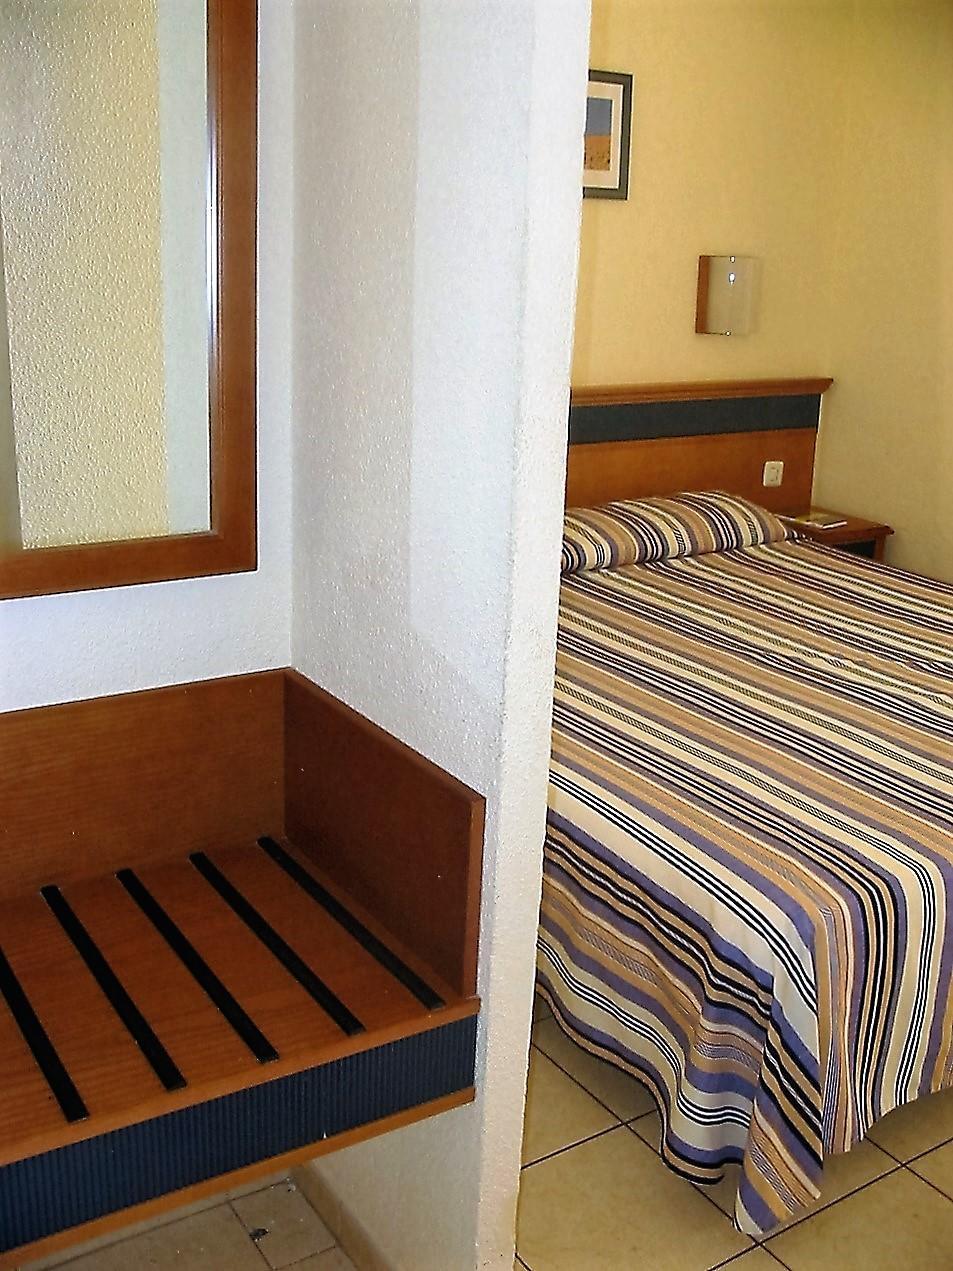 Ferienwohnung Apartment 2 / 4p am Strand und mit allen Dienstleistungen, mit Meerblick, Swimmingpools, a (487787), Morro Jable, Fuerteventura, Kanarische Inseln, Spanien, Bild 12